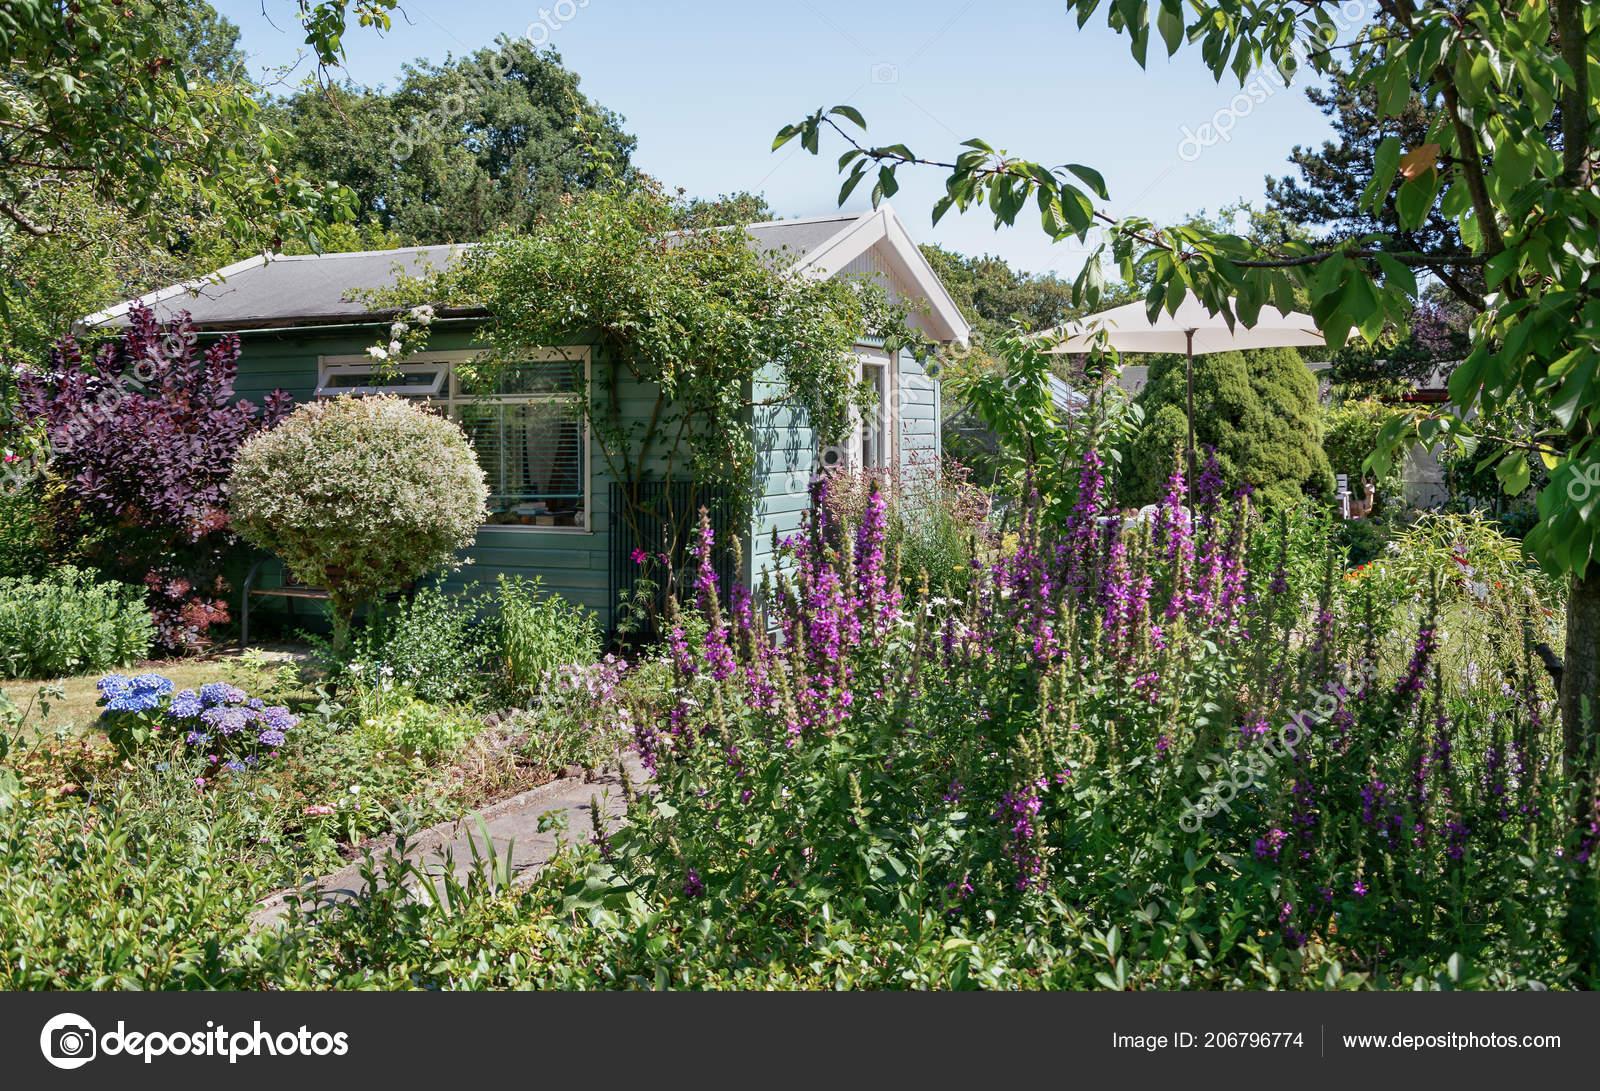 Zaandam nederland juli tuin schuur omgeven door een mooie